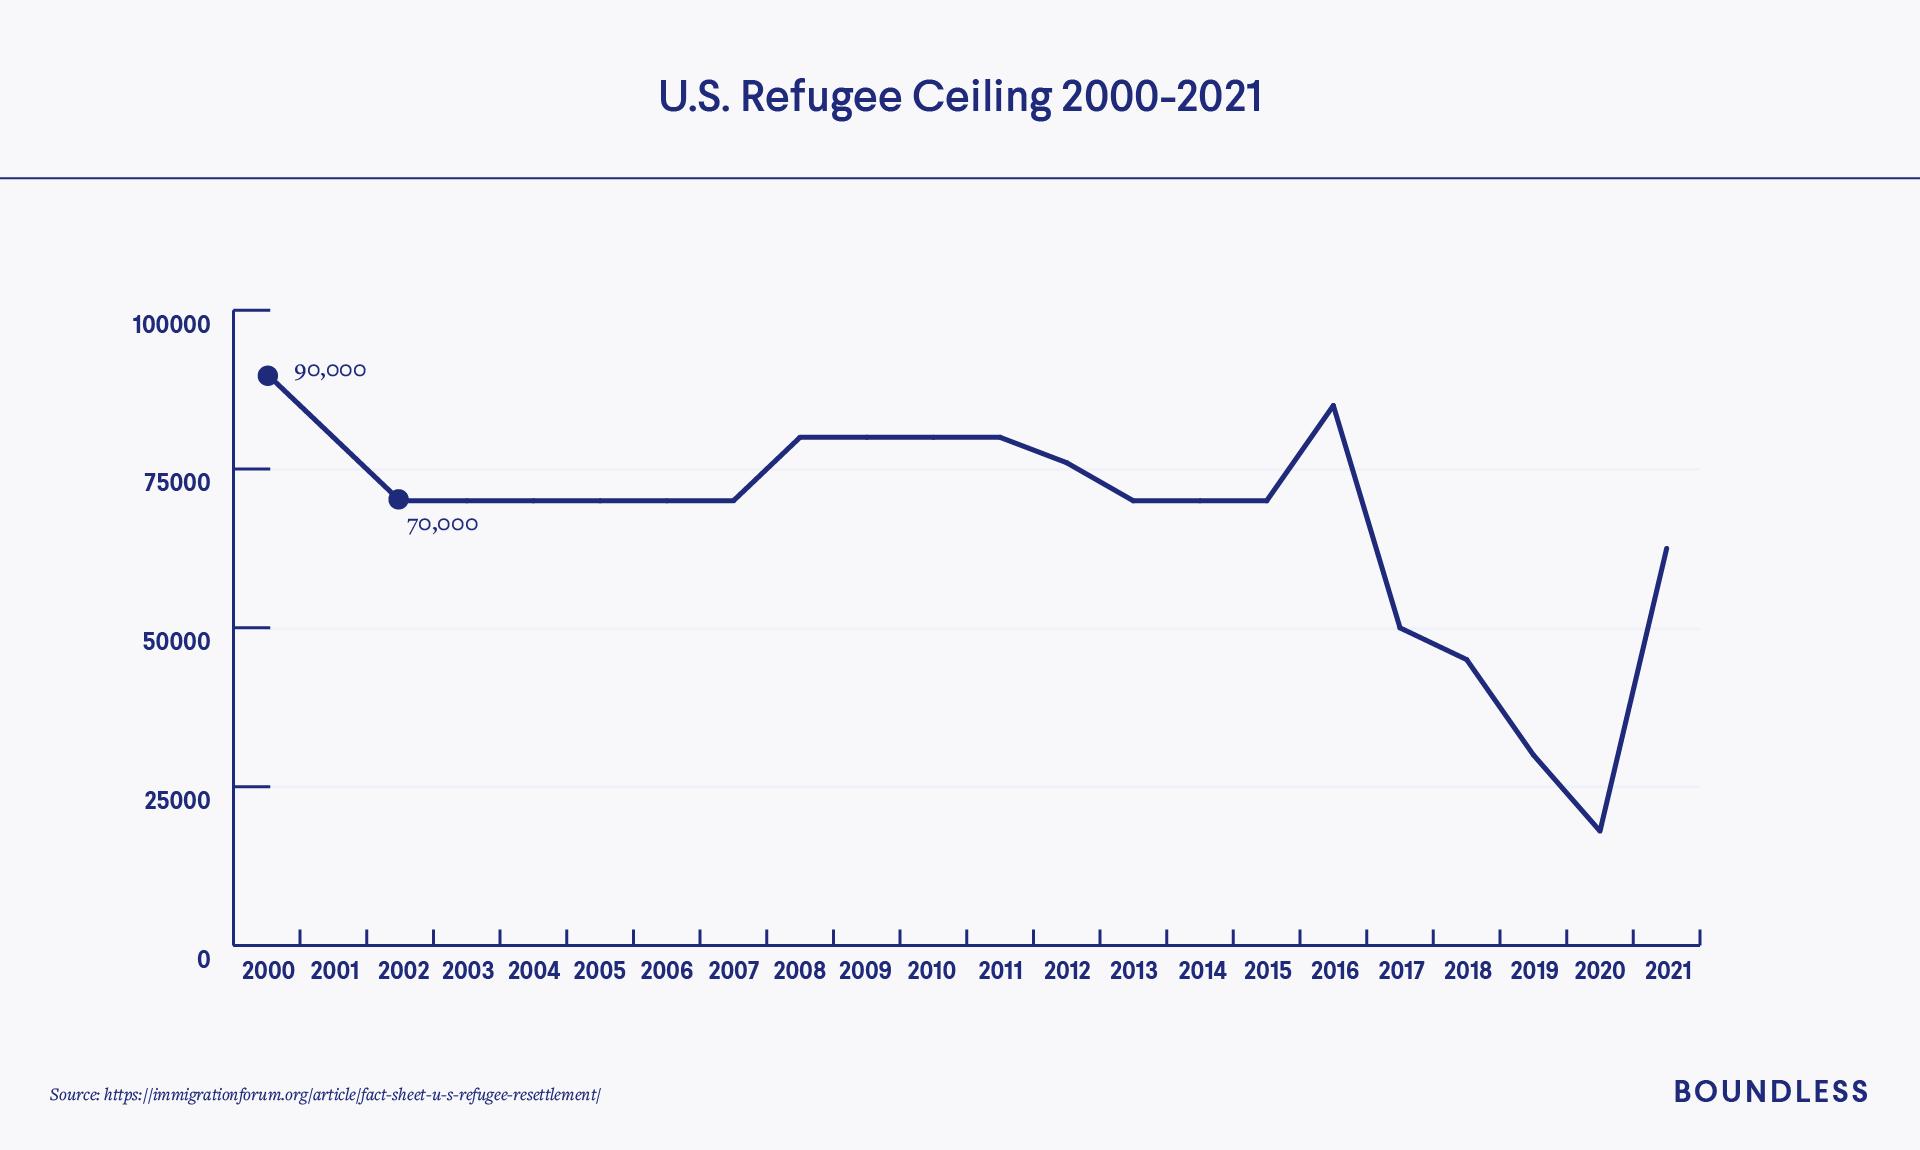 9/11 US refugee ceiling